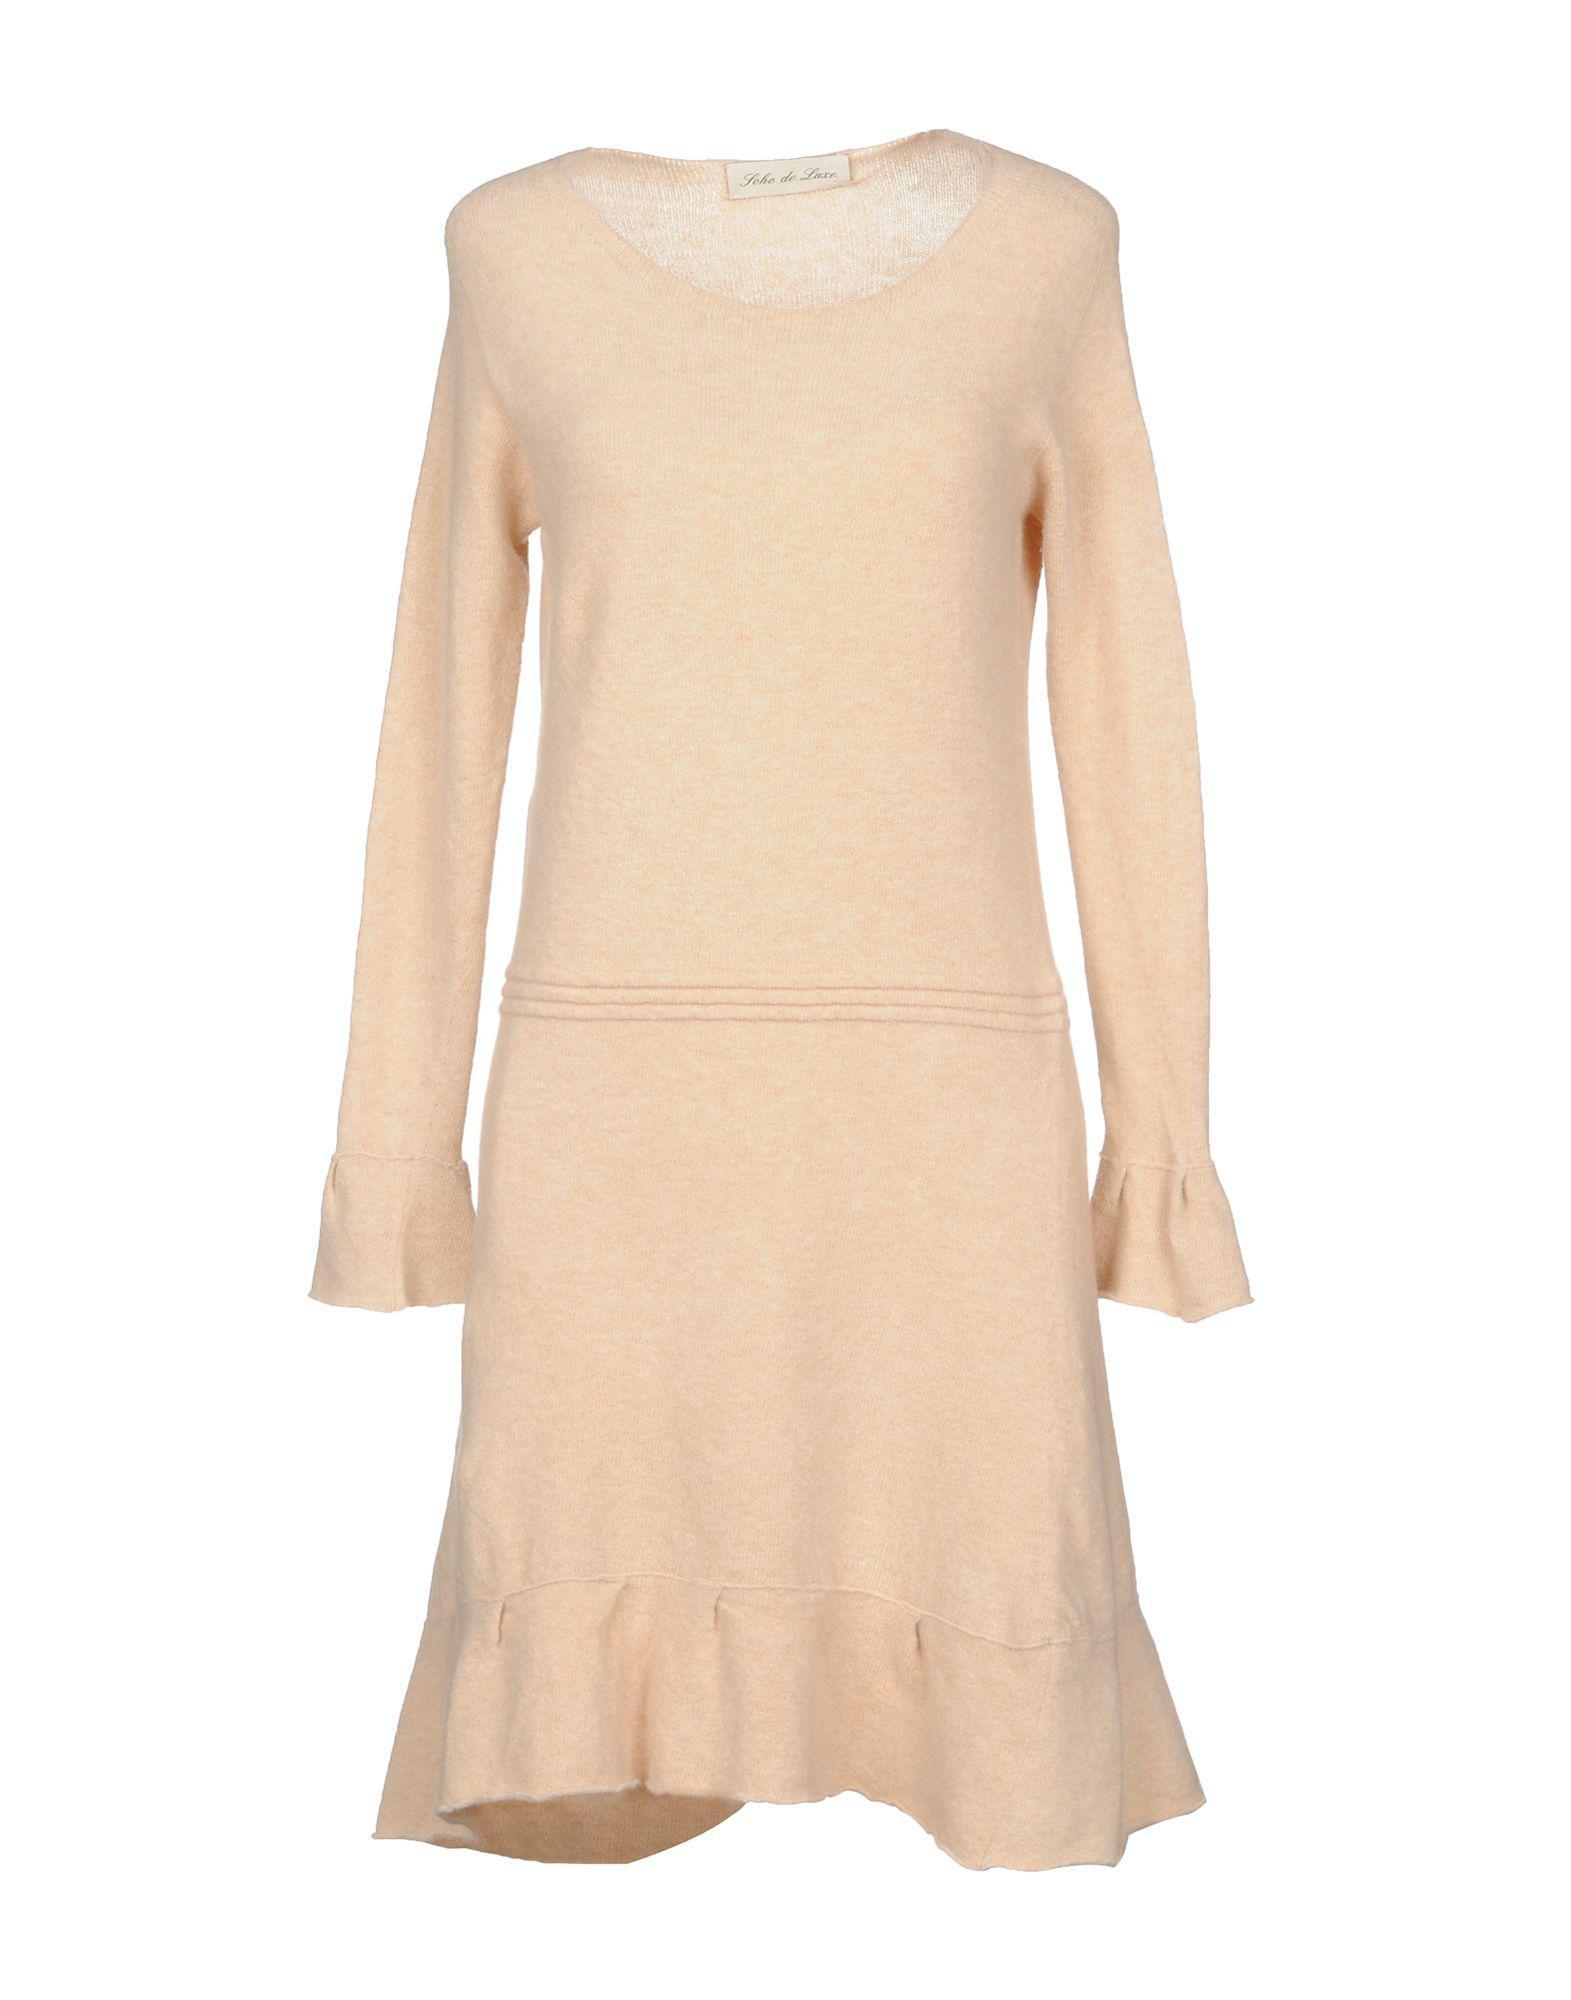 DRESSES - Short dresses Soho De Luxe o4pWqGX